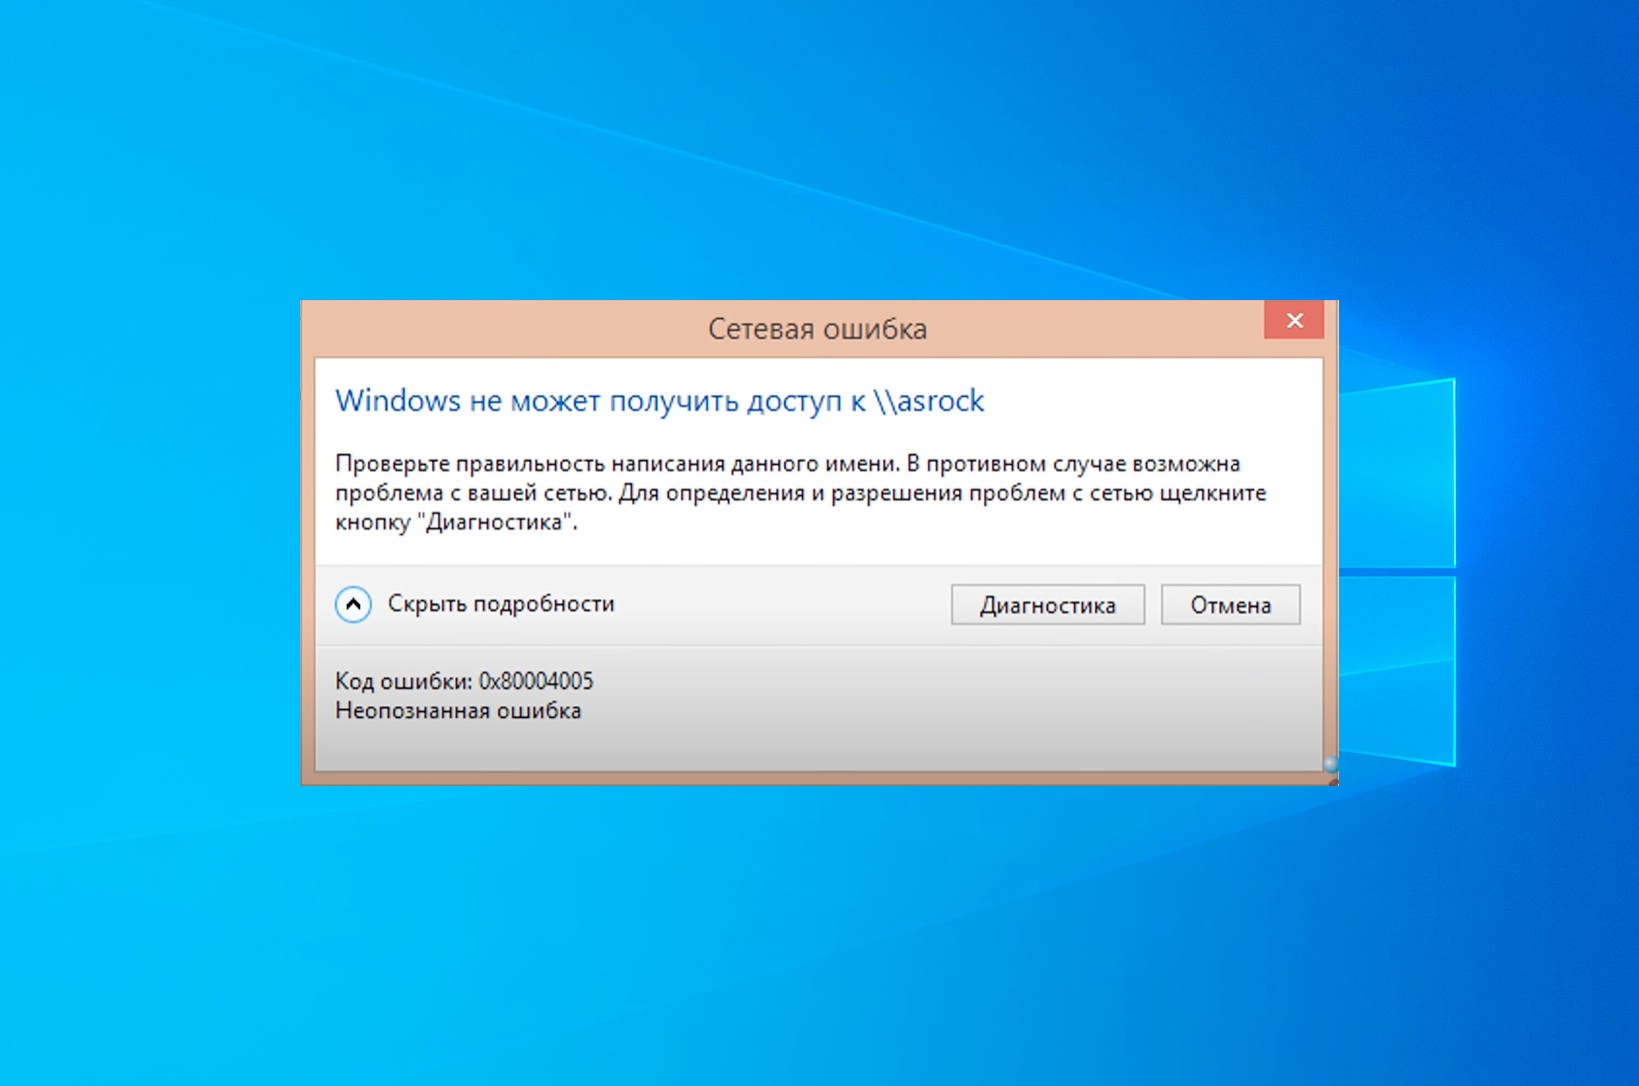 Windows не может получить доступ к сетевой папке